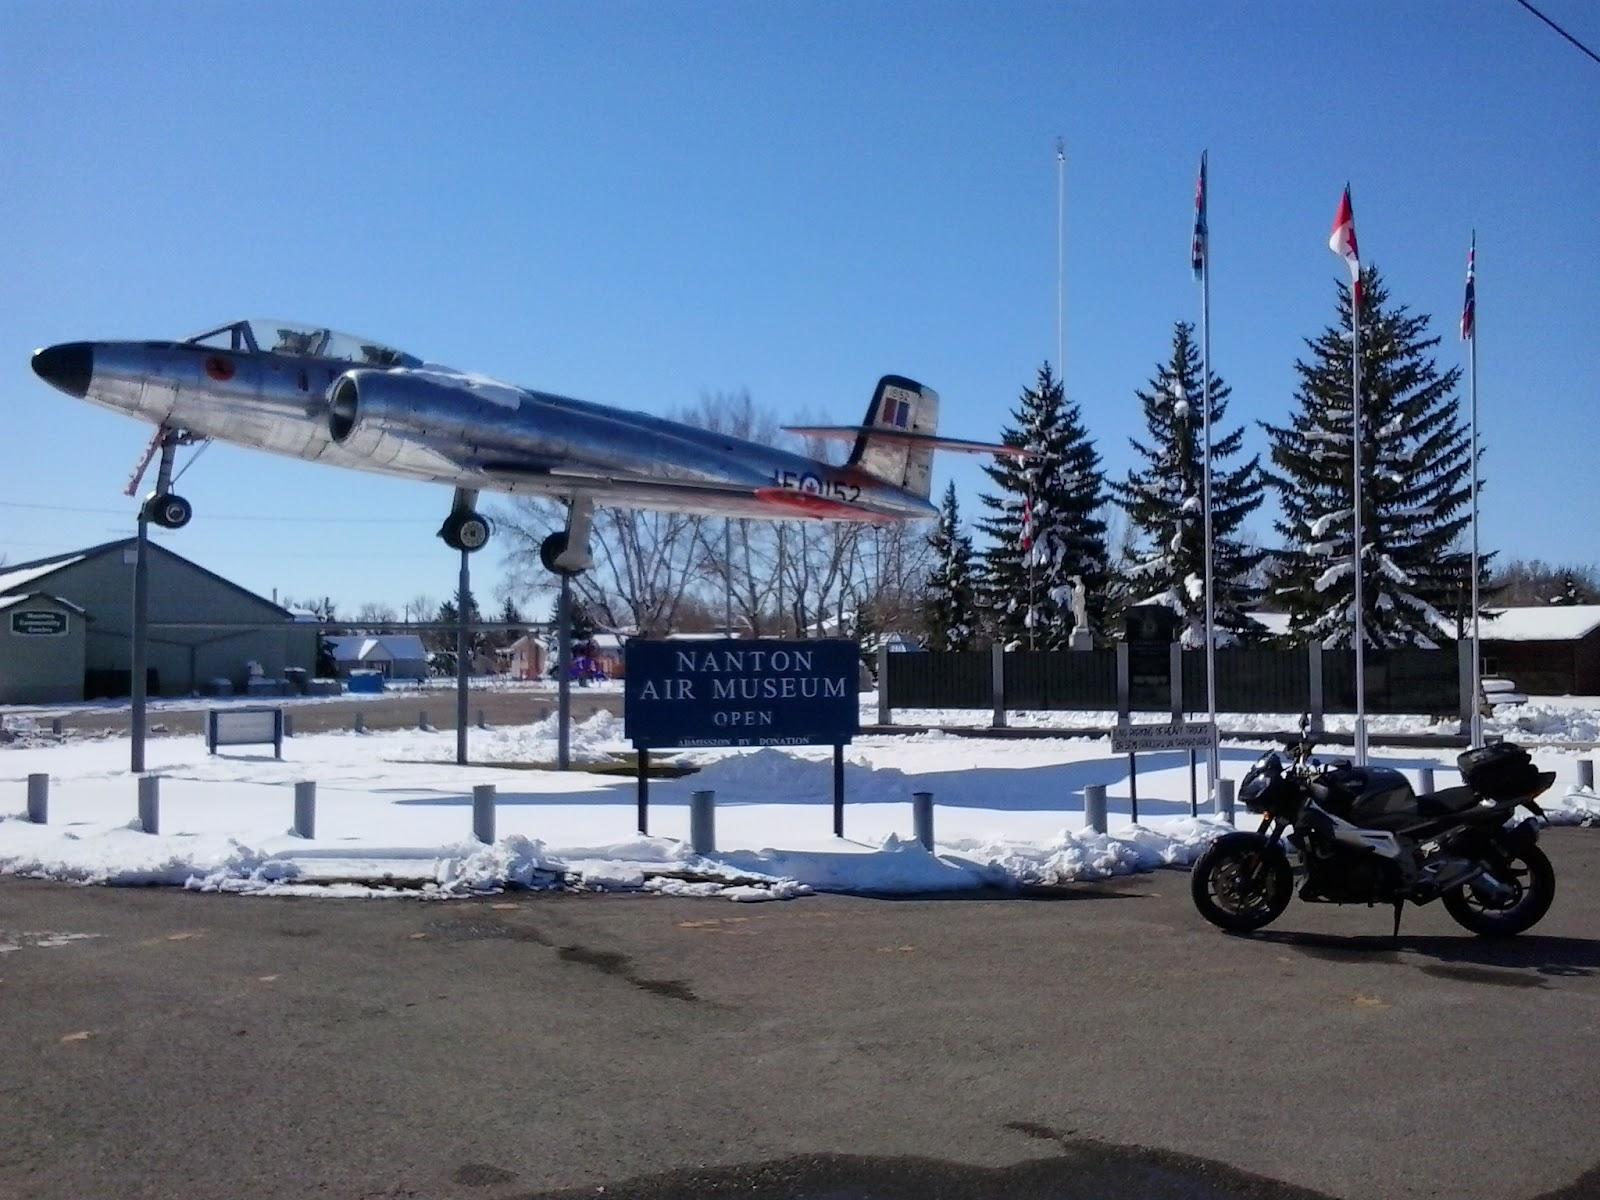 Aprilia Tuono Nanton Air Museum